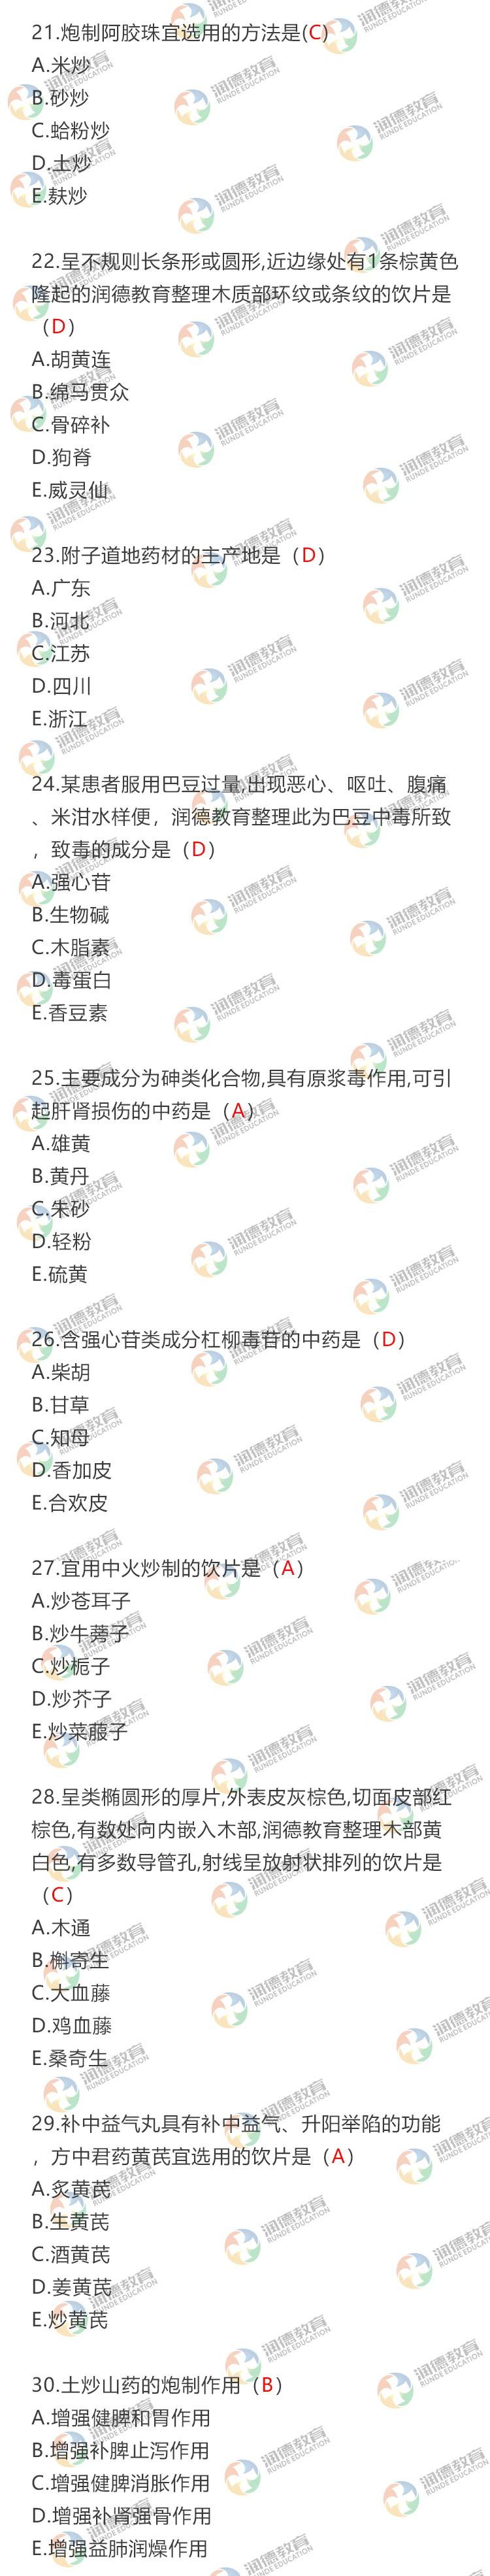 执业药师中药一21-30.jpg